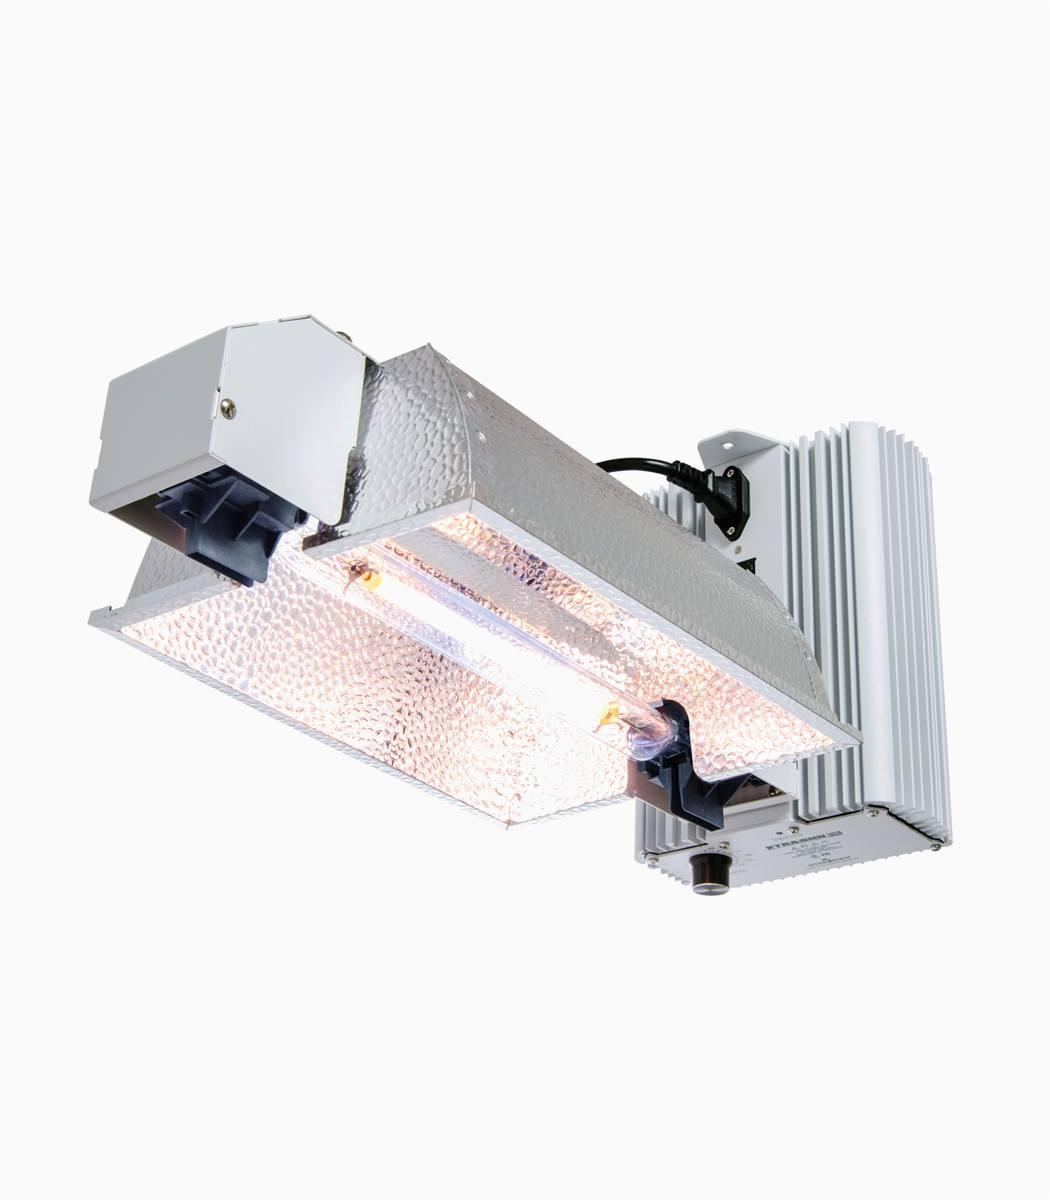 Xtrasun DE Lighting System Enclosed 1000W 240V